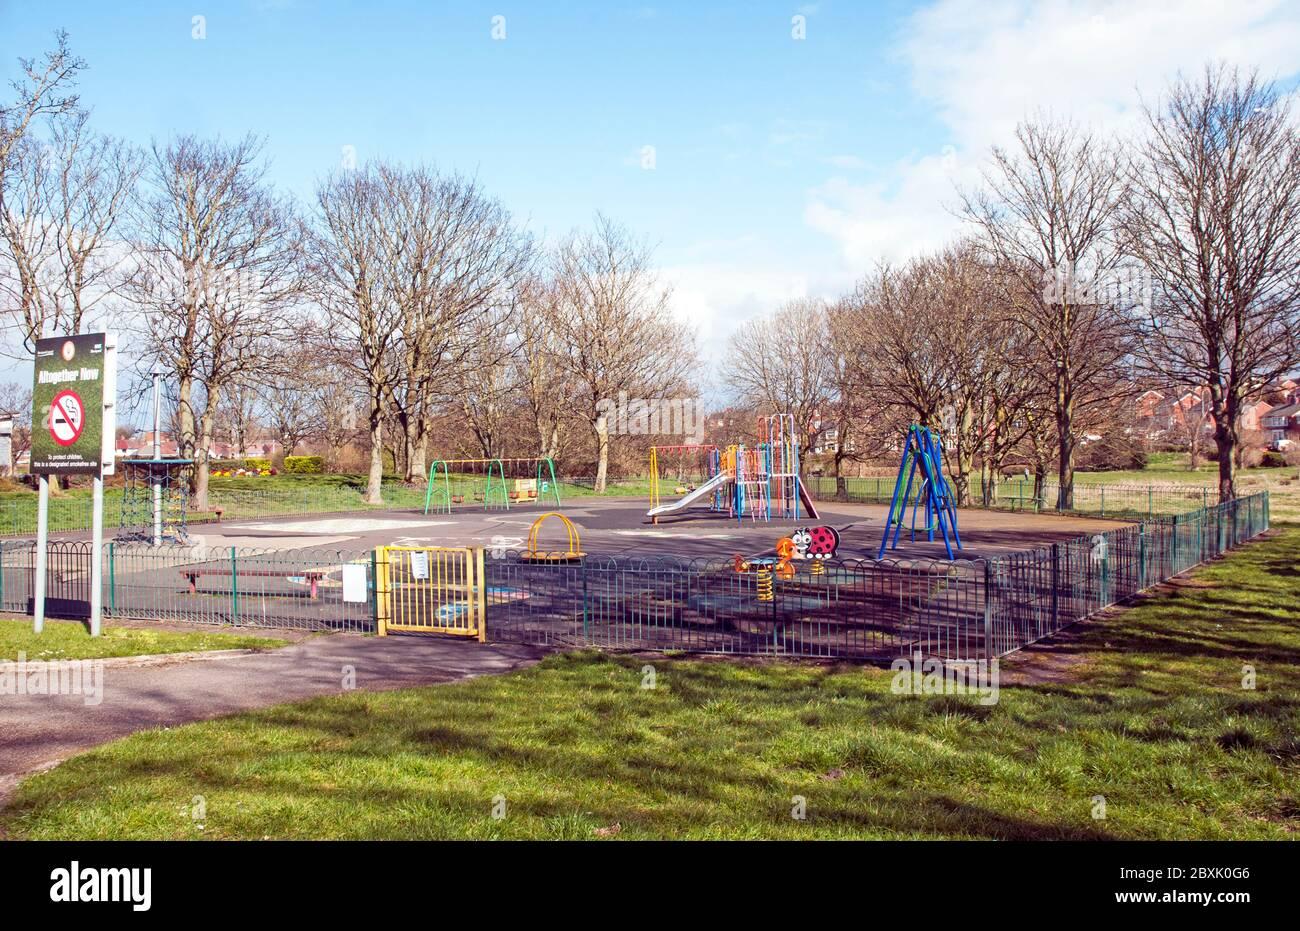 Il parco giochi per bambini è chiuso e desertato a causa di essere bloccato a causa del virus Corona covid 19. Kingscote Park Blackpool Lancashire Inghilterra Regno Unito Foto Stock